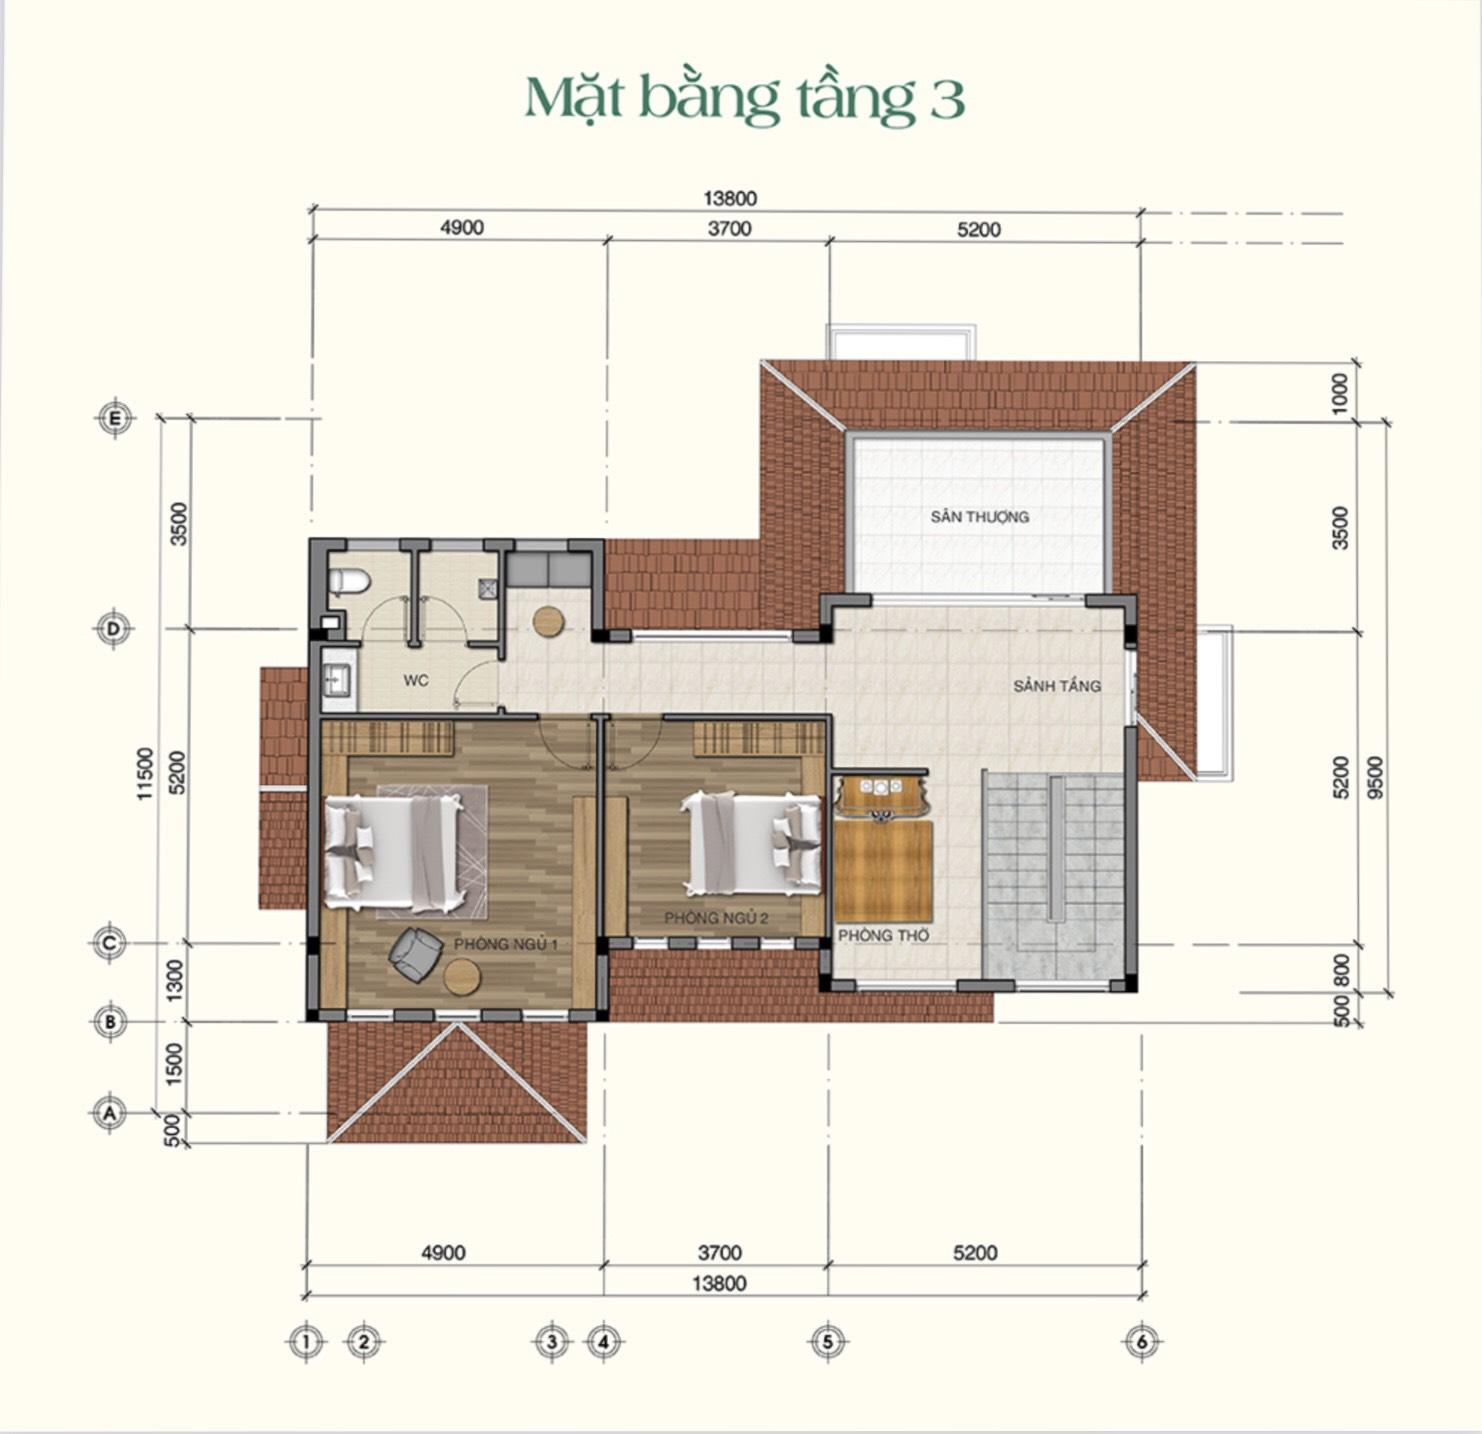 Thiết kế chi tiết tầng 3 mẫu biệt thự Saigon Garden Riverside Village Quận 9 Hưng Thịnh